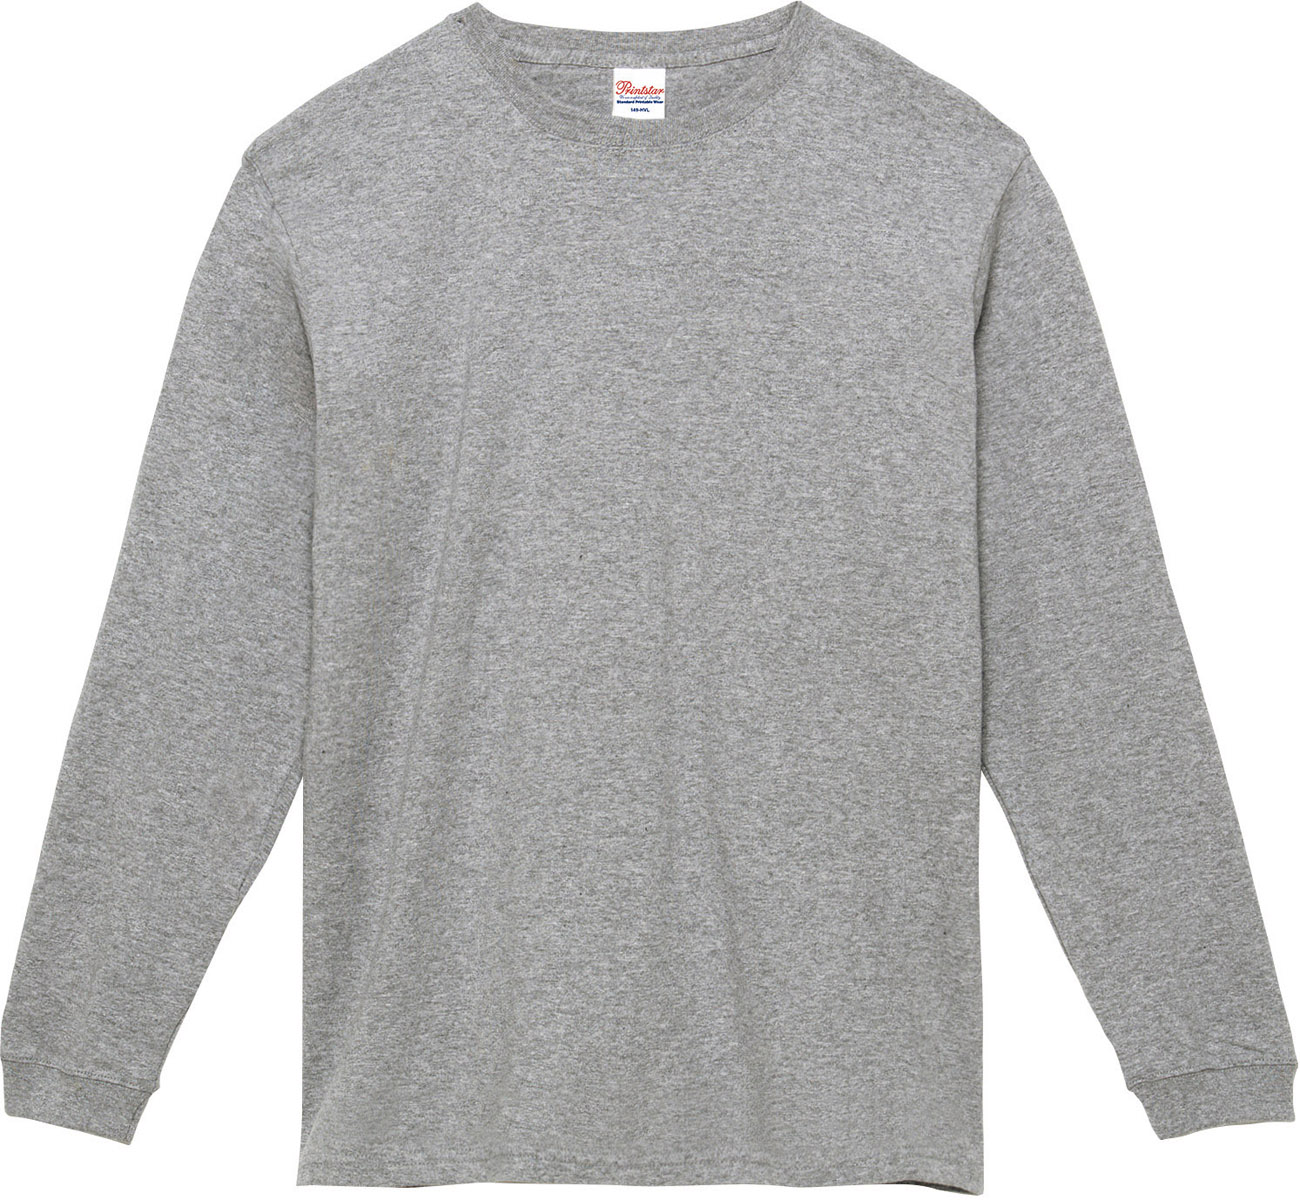 7.4オンス スーパーヘビー長袖Tシャツ